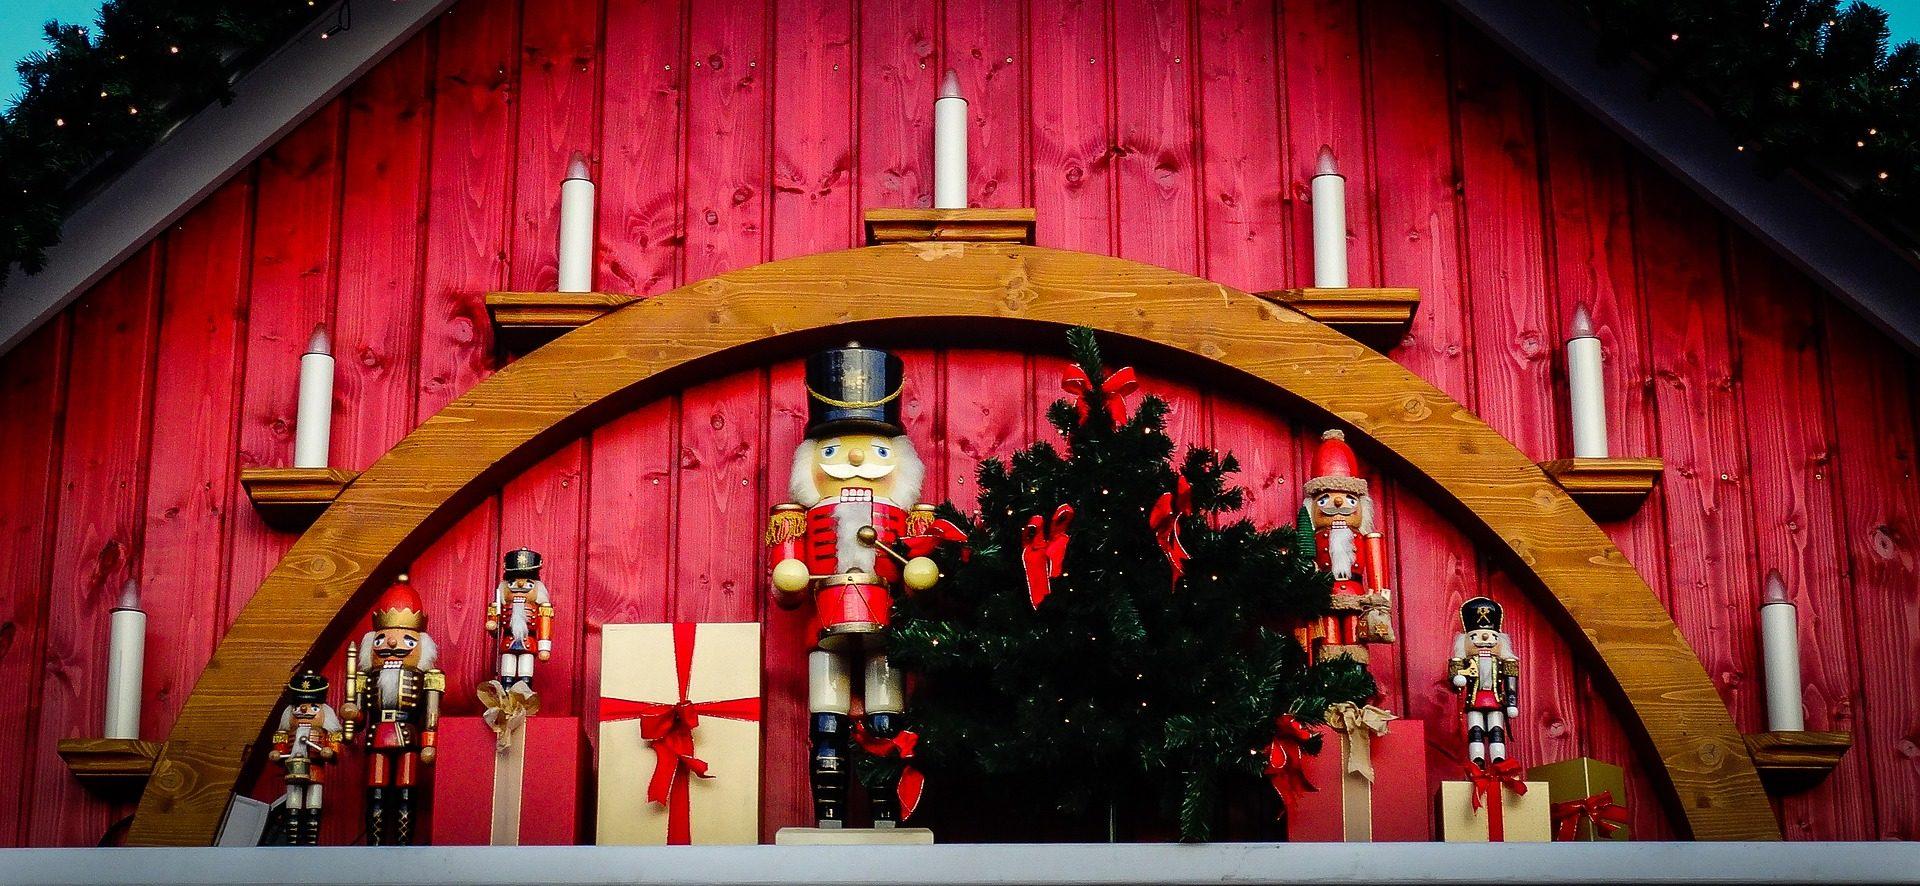 украшения, «Щелкунчик», солдаты, дерево, свечи, Рождество - Обои HD - Профессор falken.com